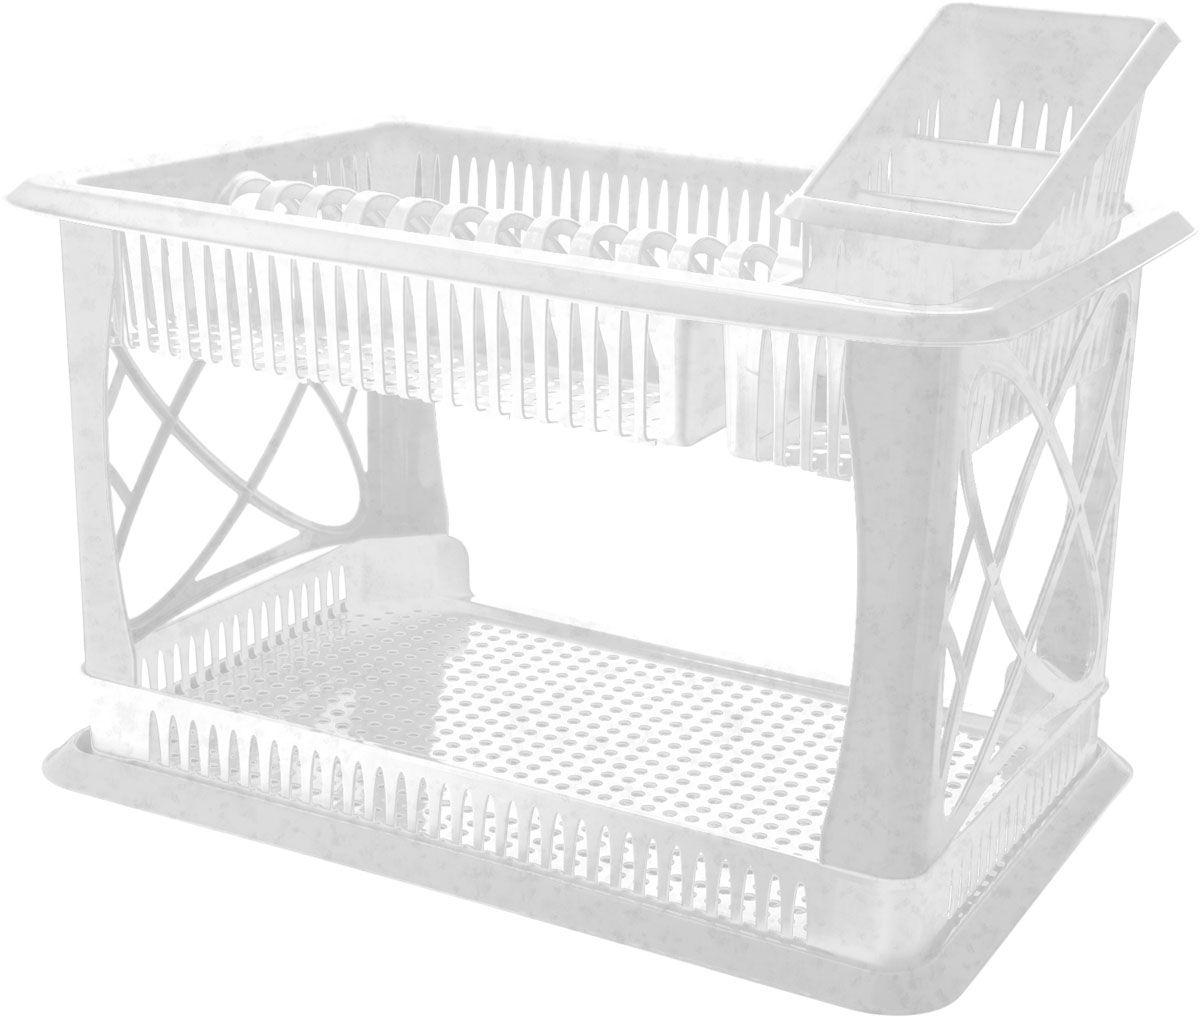 Сушилка для посуды Plastic Centre Лилия, 2-ярусная, с поддоном, с сушилкой для столовых приборов, цвет: мраморный, 49 х 17,5 х 32,5 смВетерок 2ГФДвухъярусная сушилка для посуды выполнена из пластика. Изделие оснащено поддоном для стекания воды и подставкой для столовых приборов и стаканов. Сушилка может быть установлена как на столе, так и подвешена на стену при помощи крючков (не входят в комплект). Размер сушилки (с учетом подставок): 49 х 17,5 х 32,5 см.Размер поддона: 47 х 30 х 2,5 см.